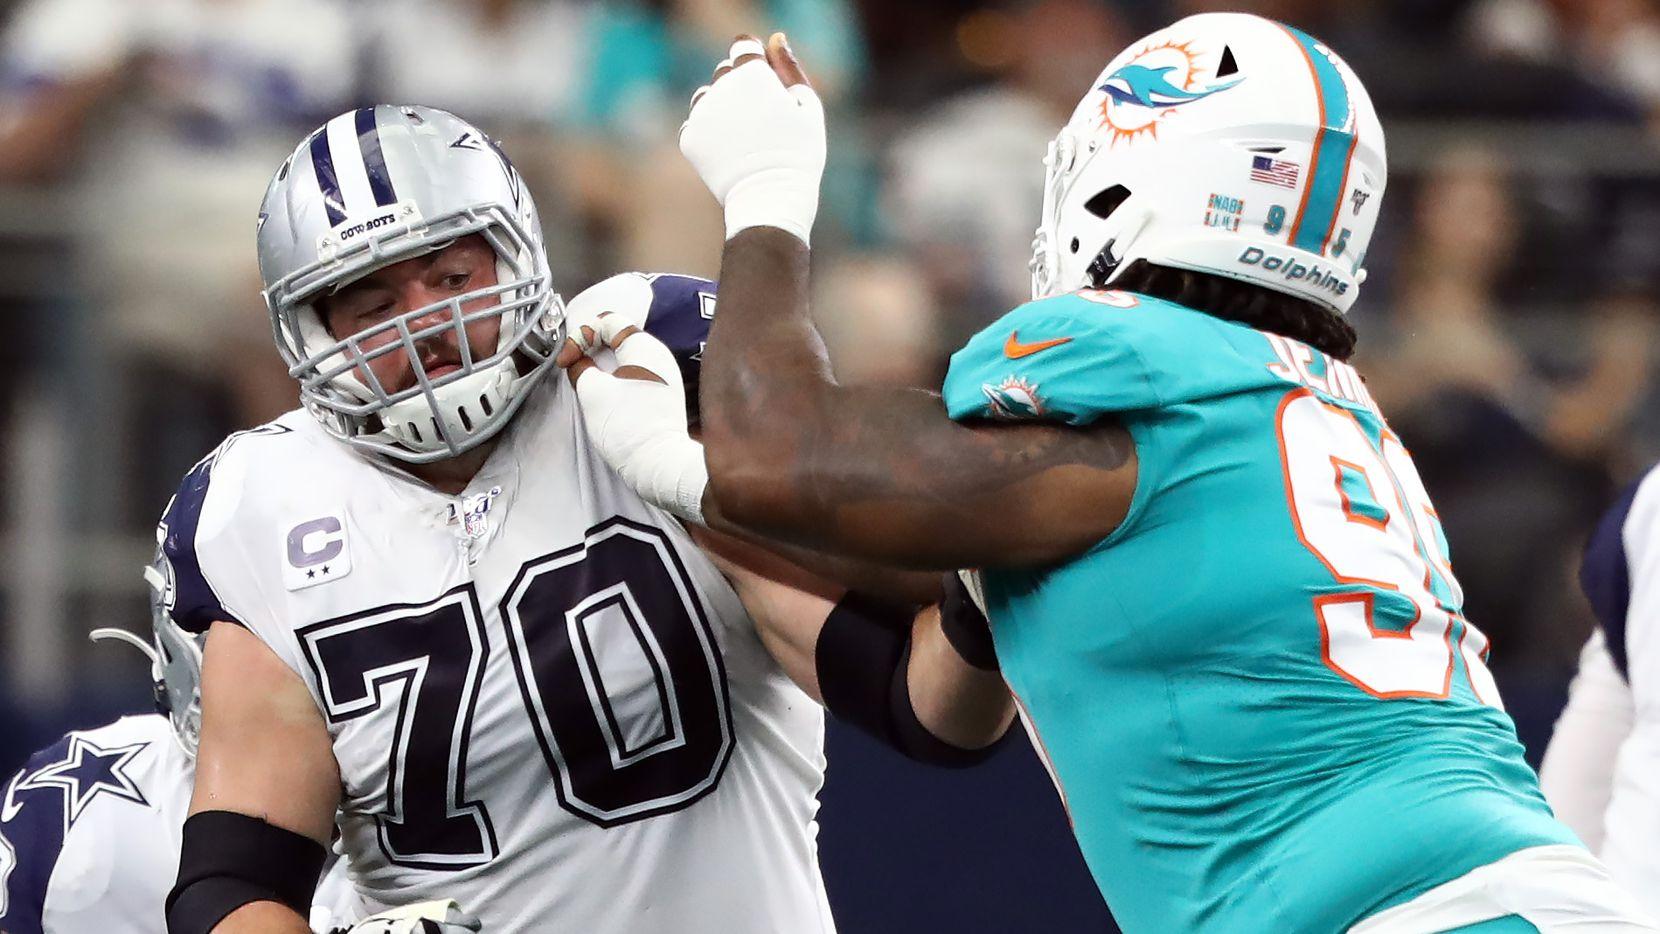 El guardia de los Dallas Cowboys, Zack Martin (#70), durante un partido contra los Dolphins de Miami efectuado el 22 de septiembre de 2019 en el AT&T Stadium de Arlington.